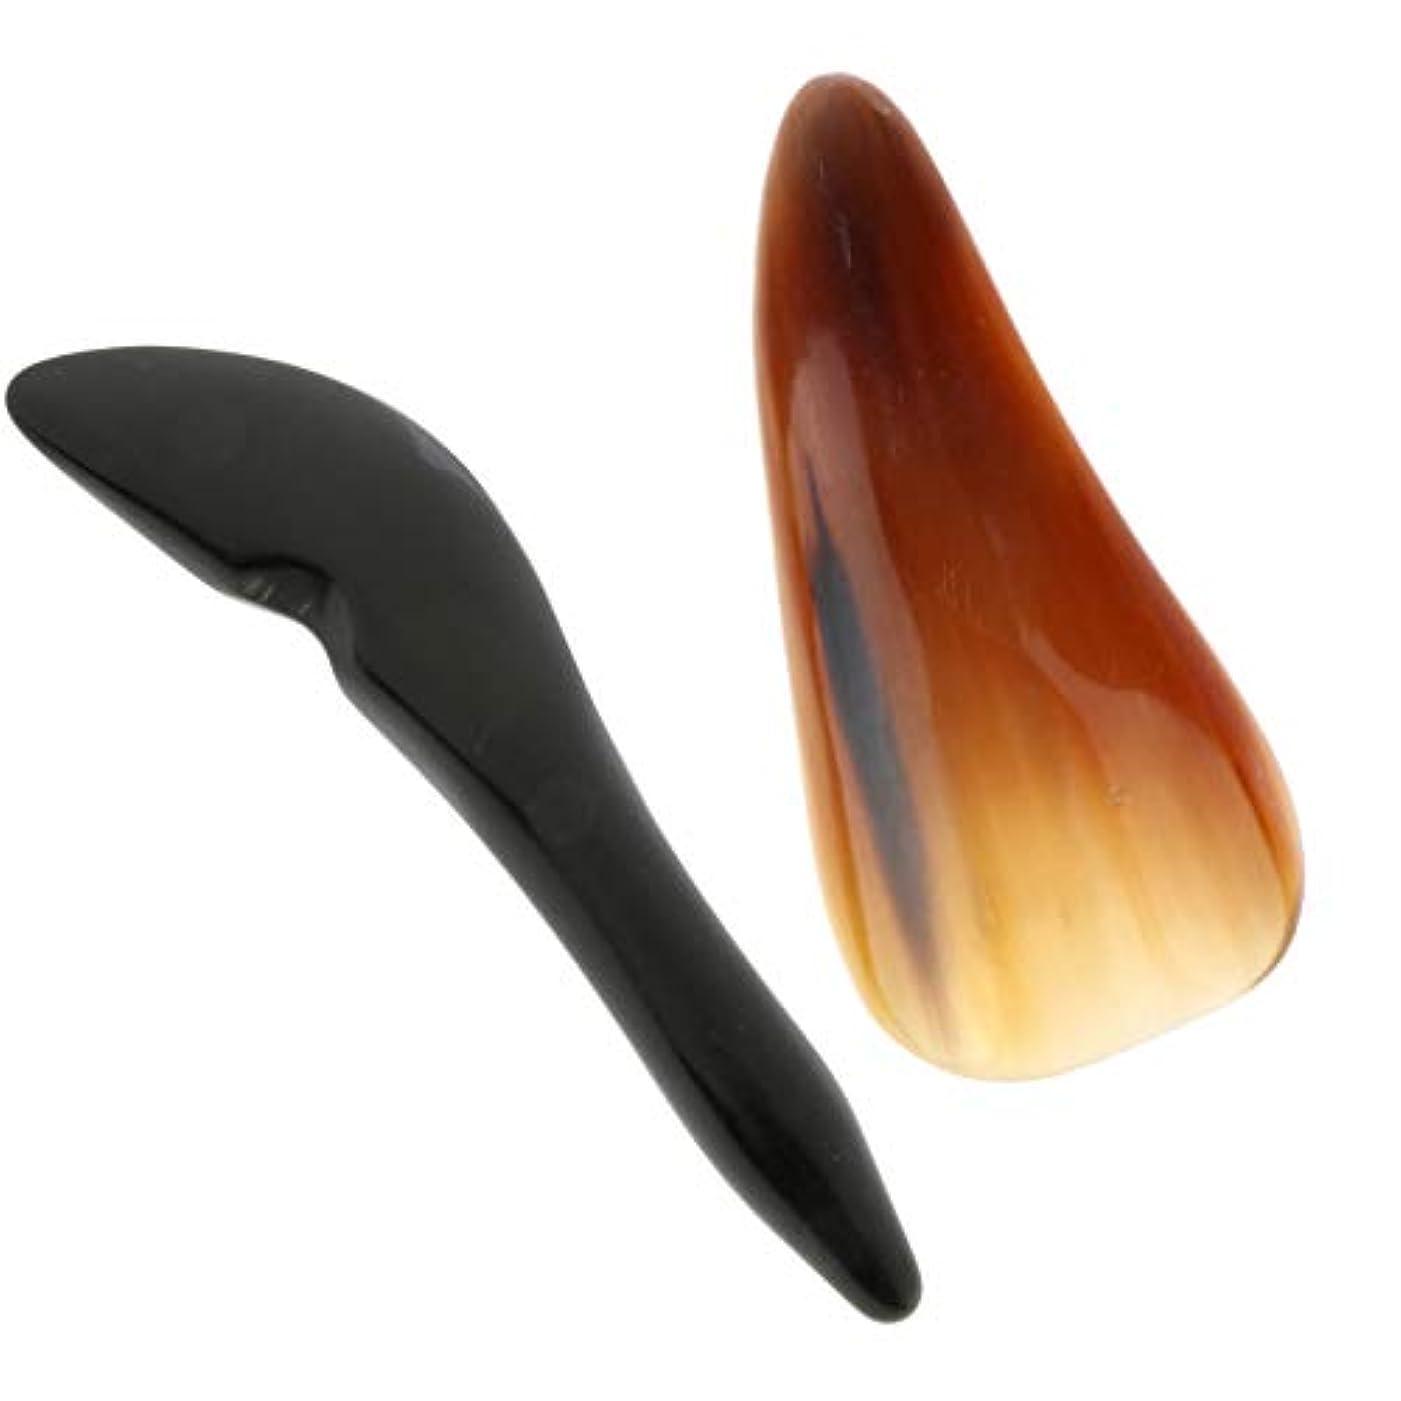 授業料熱意計画D DOLITY マッサージツール グアシャ スクレーパー ボード スクレーピング 使いやすい 2個入